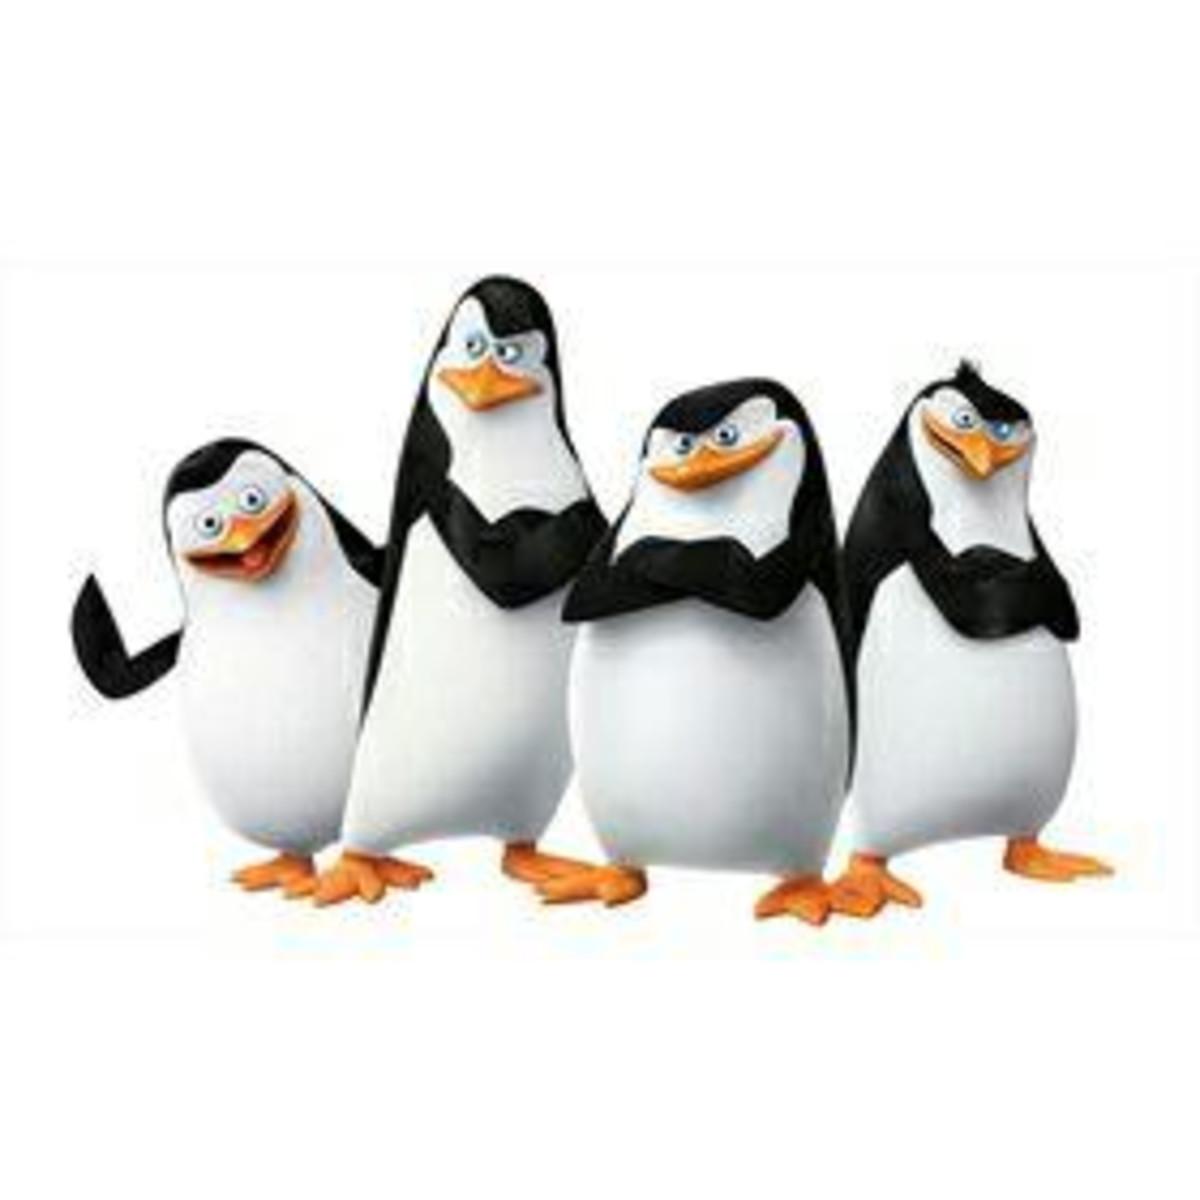 Adesivo Os Pinguins De Madagascar No Elo7